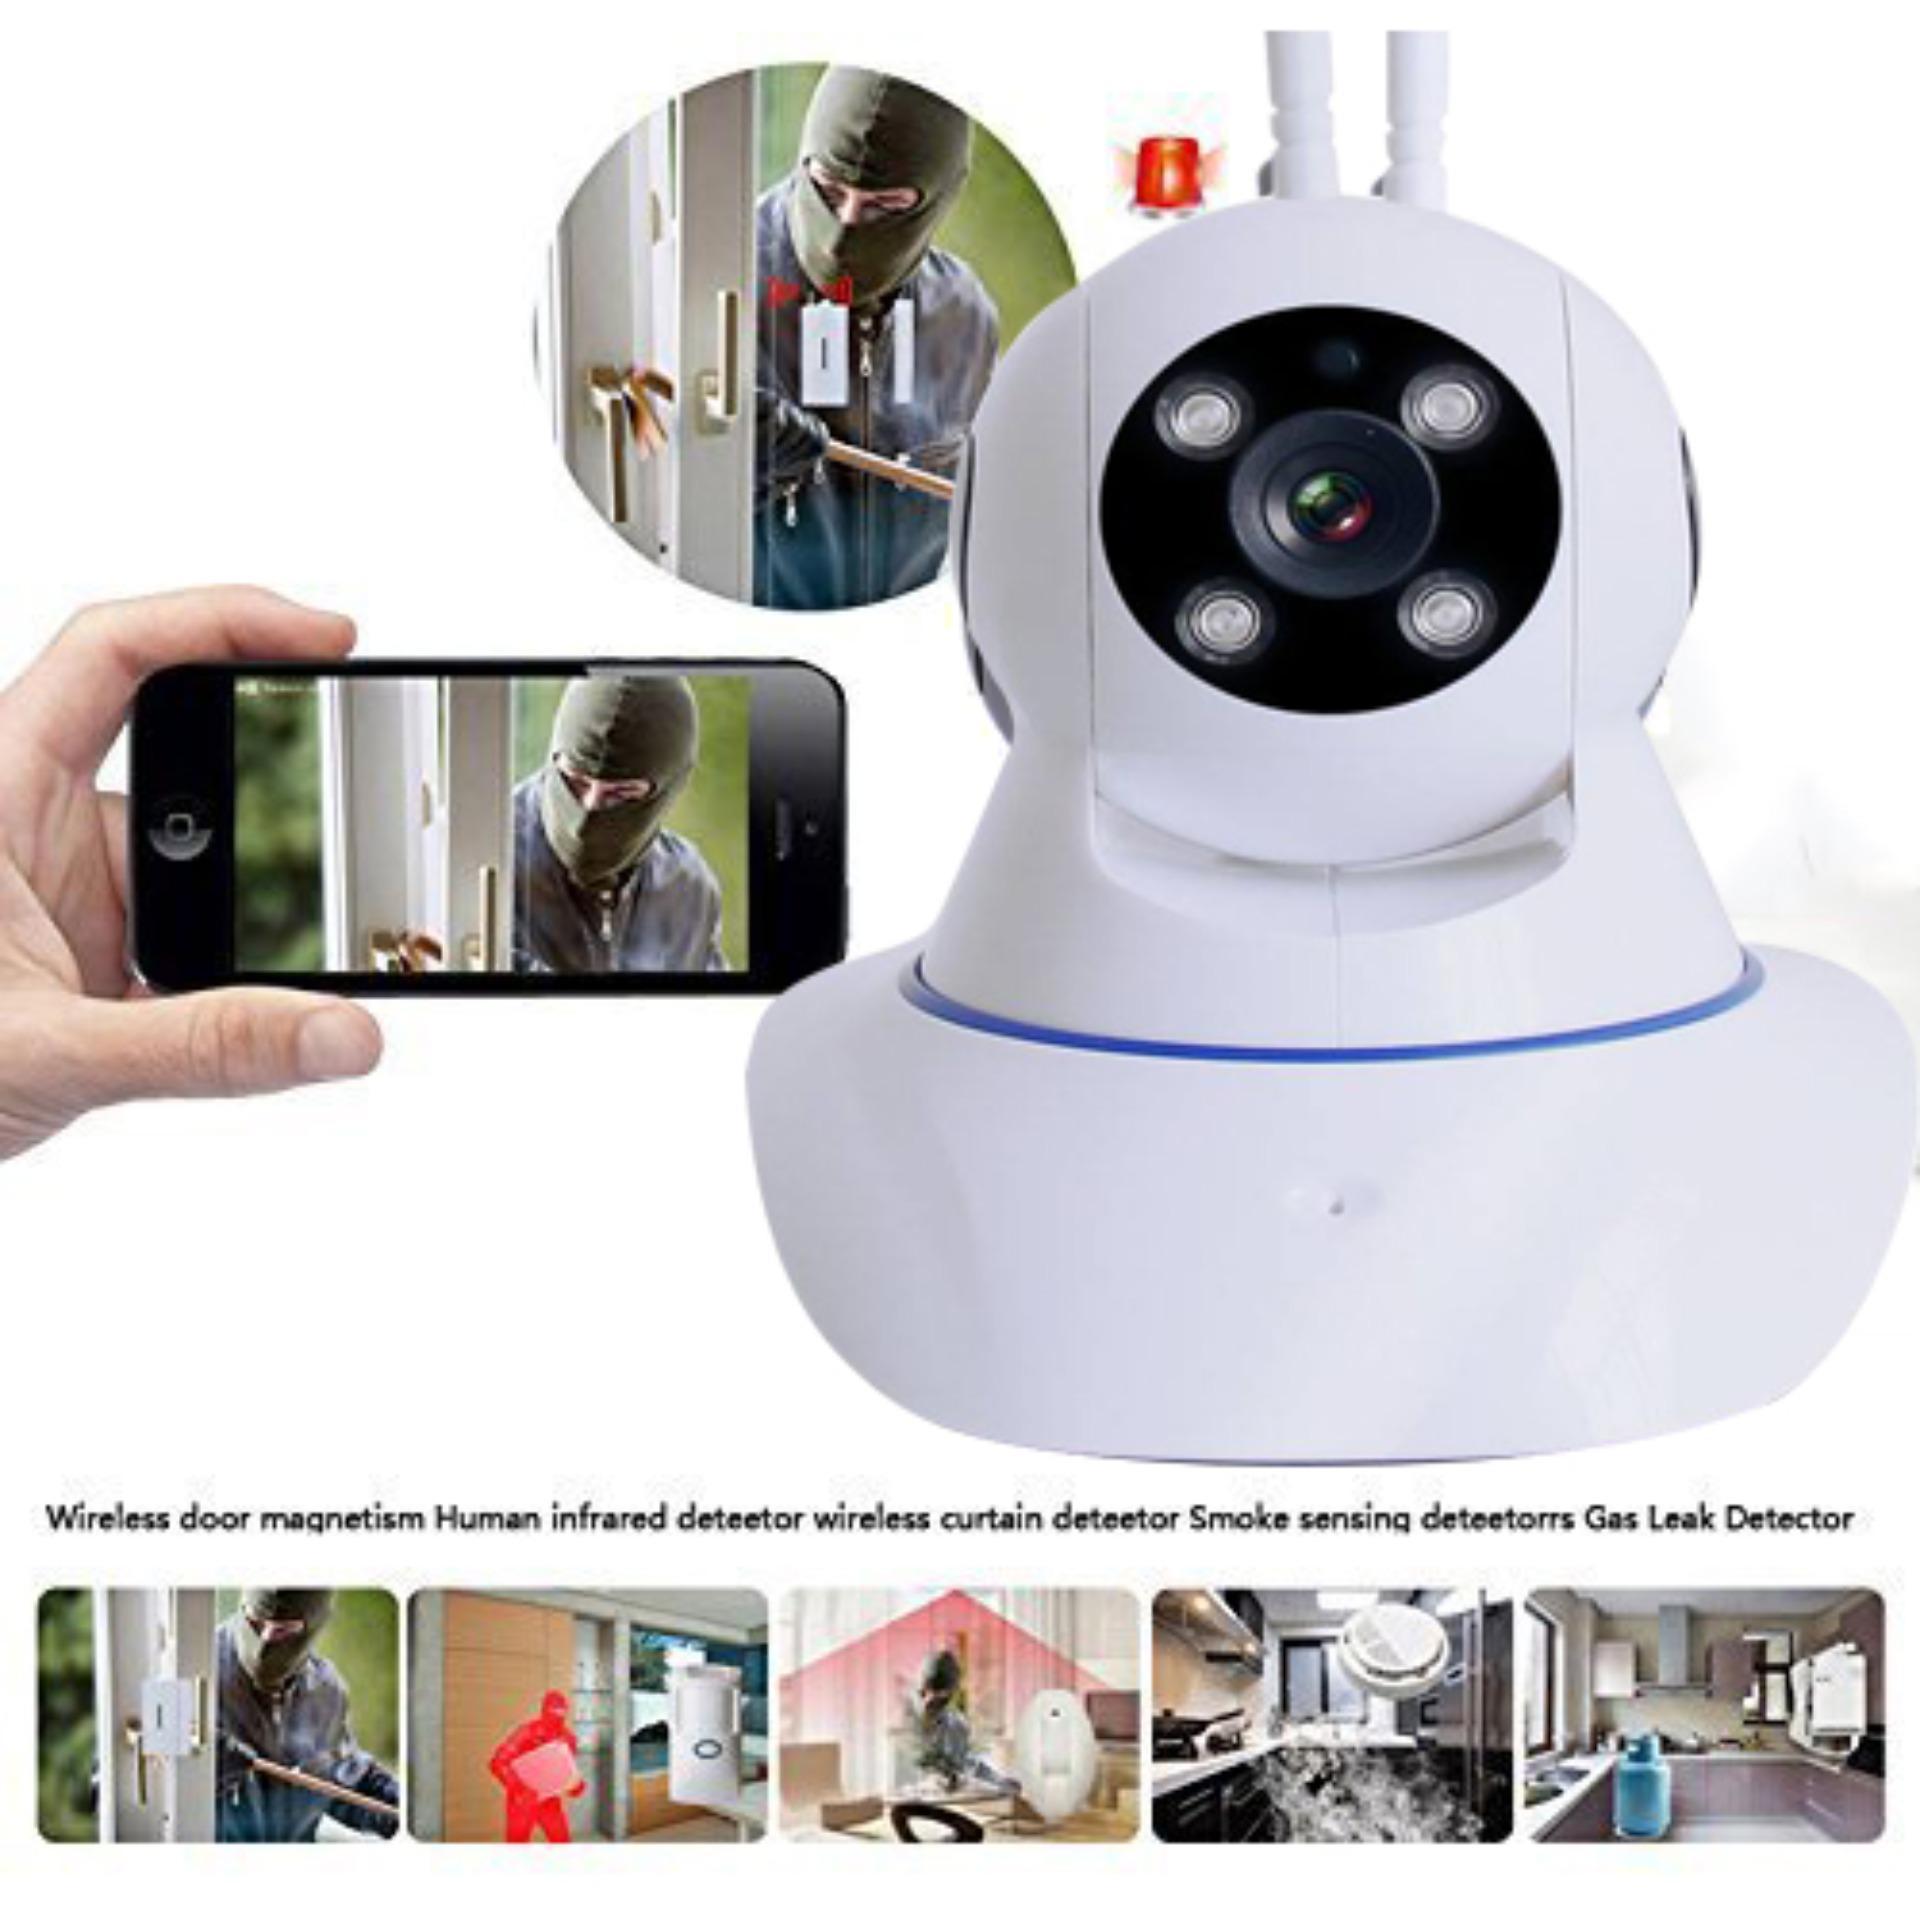 Bán Camera Wifi An Ninh Camera Wifi Đam Thoại 2 Chiều Camera Wifi Gia Rẻ Mua Ngay Camera Yoosee 4 Led 2 Rau Cao Cấp Goc Quay Rộng Dễ Quan Sat Bh Uy Tin Bởi Kingtech Sg Trực Tuyến